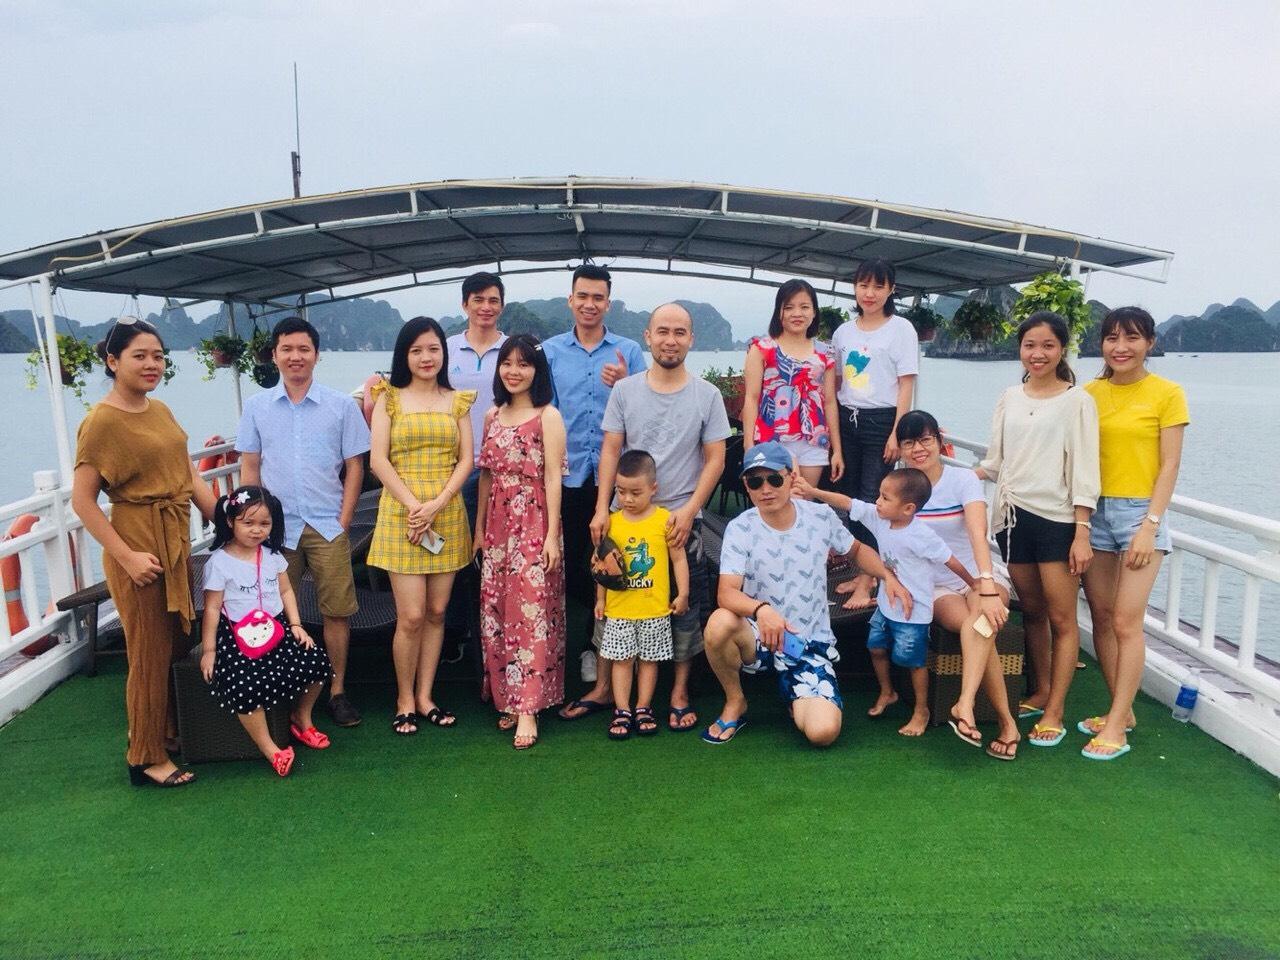 Cozy Vietnam Travel - Tour du lịch hạ long giá rẻ 2020 -131